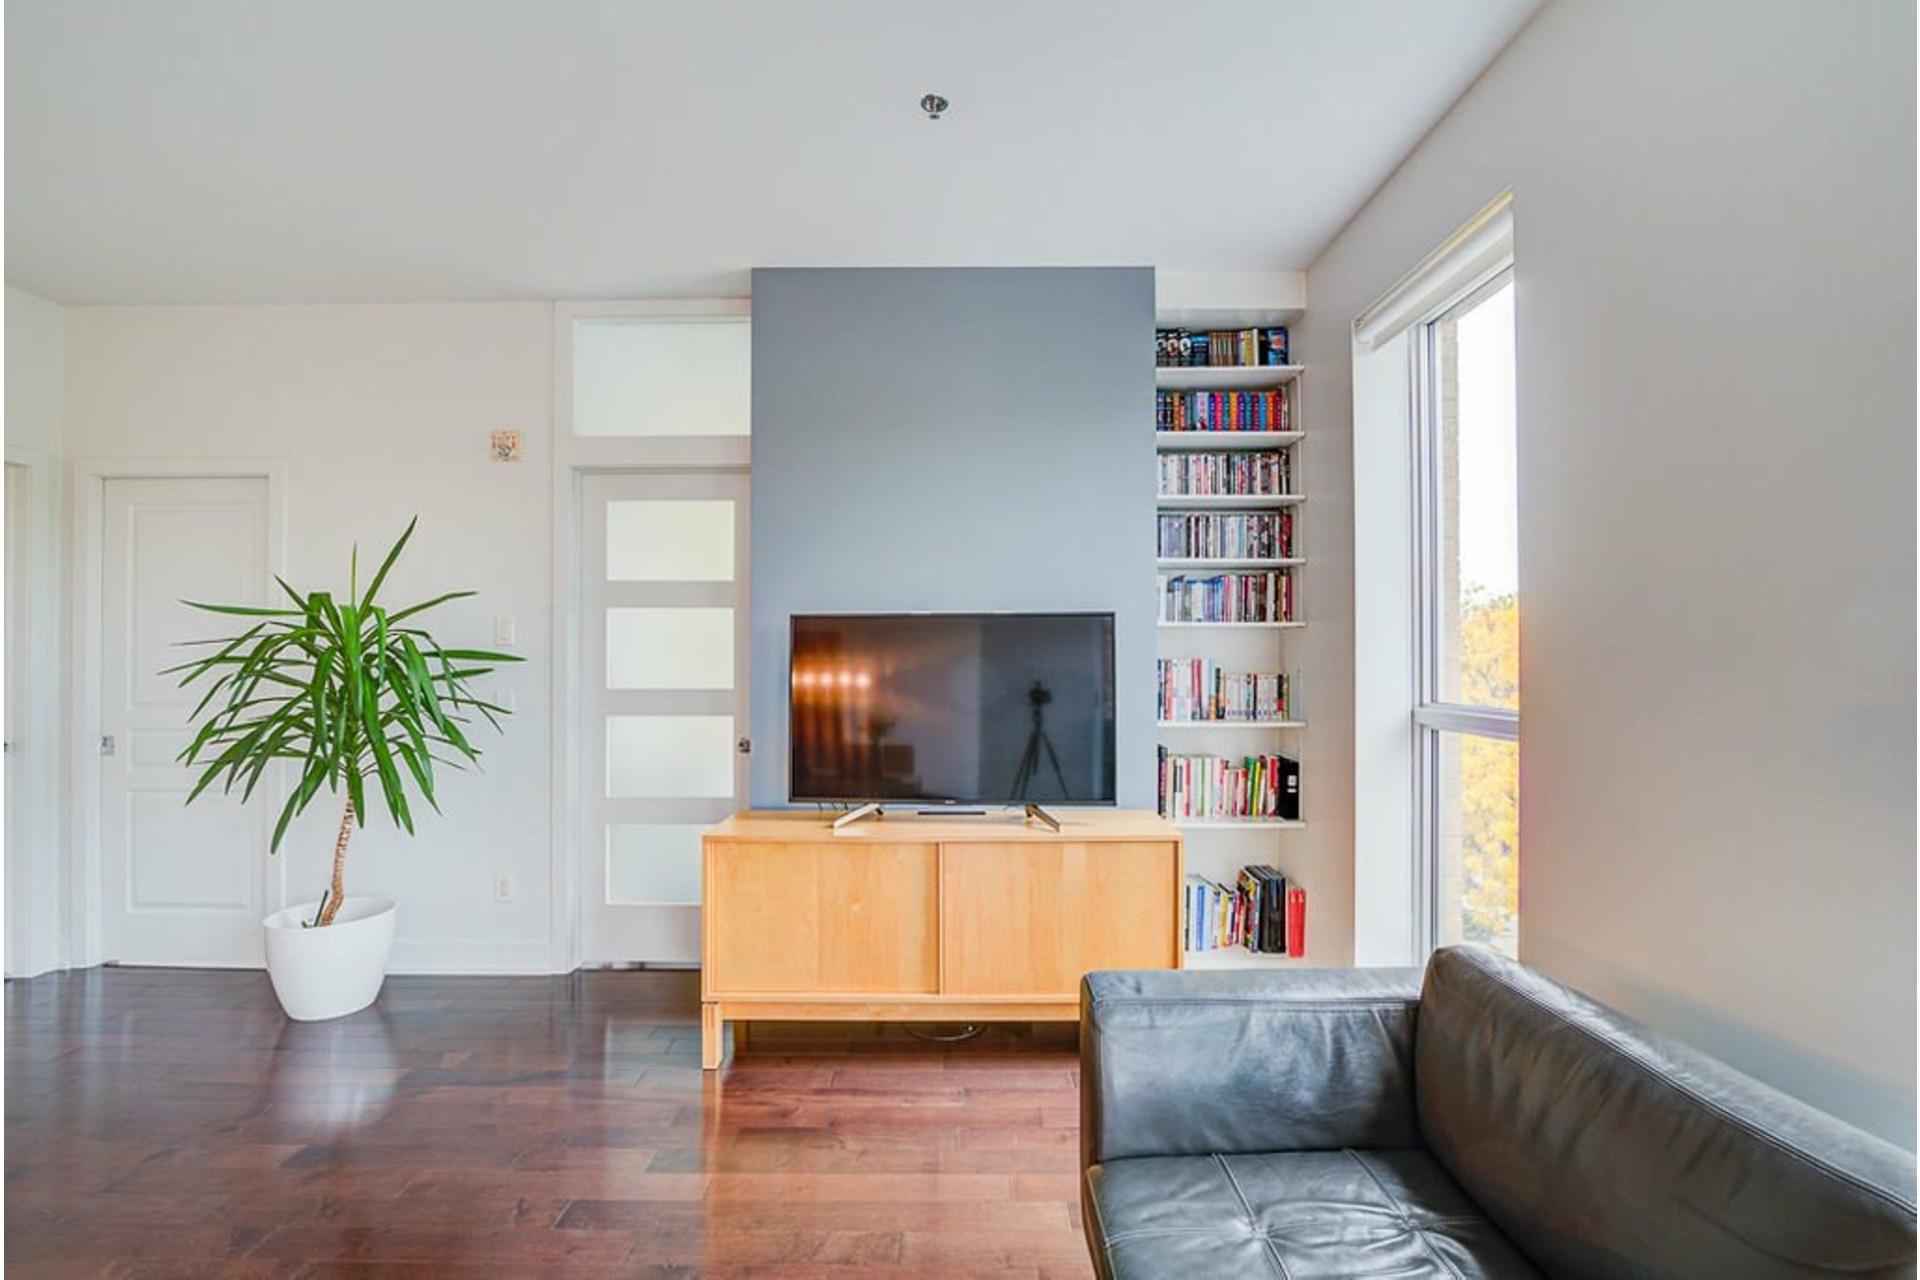 image 3 - Appartement À vendre Villeray/Saint-Michel/Parc-Extension Montréal  - 6 pièces